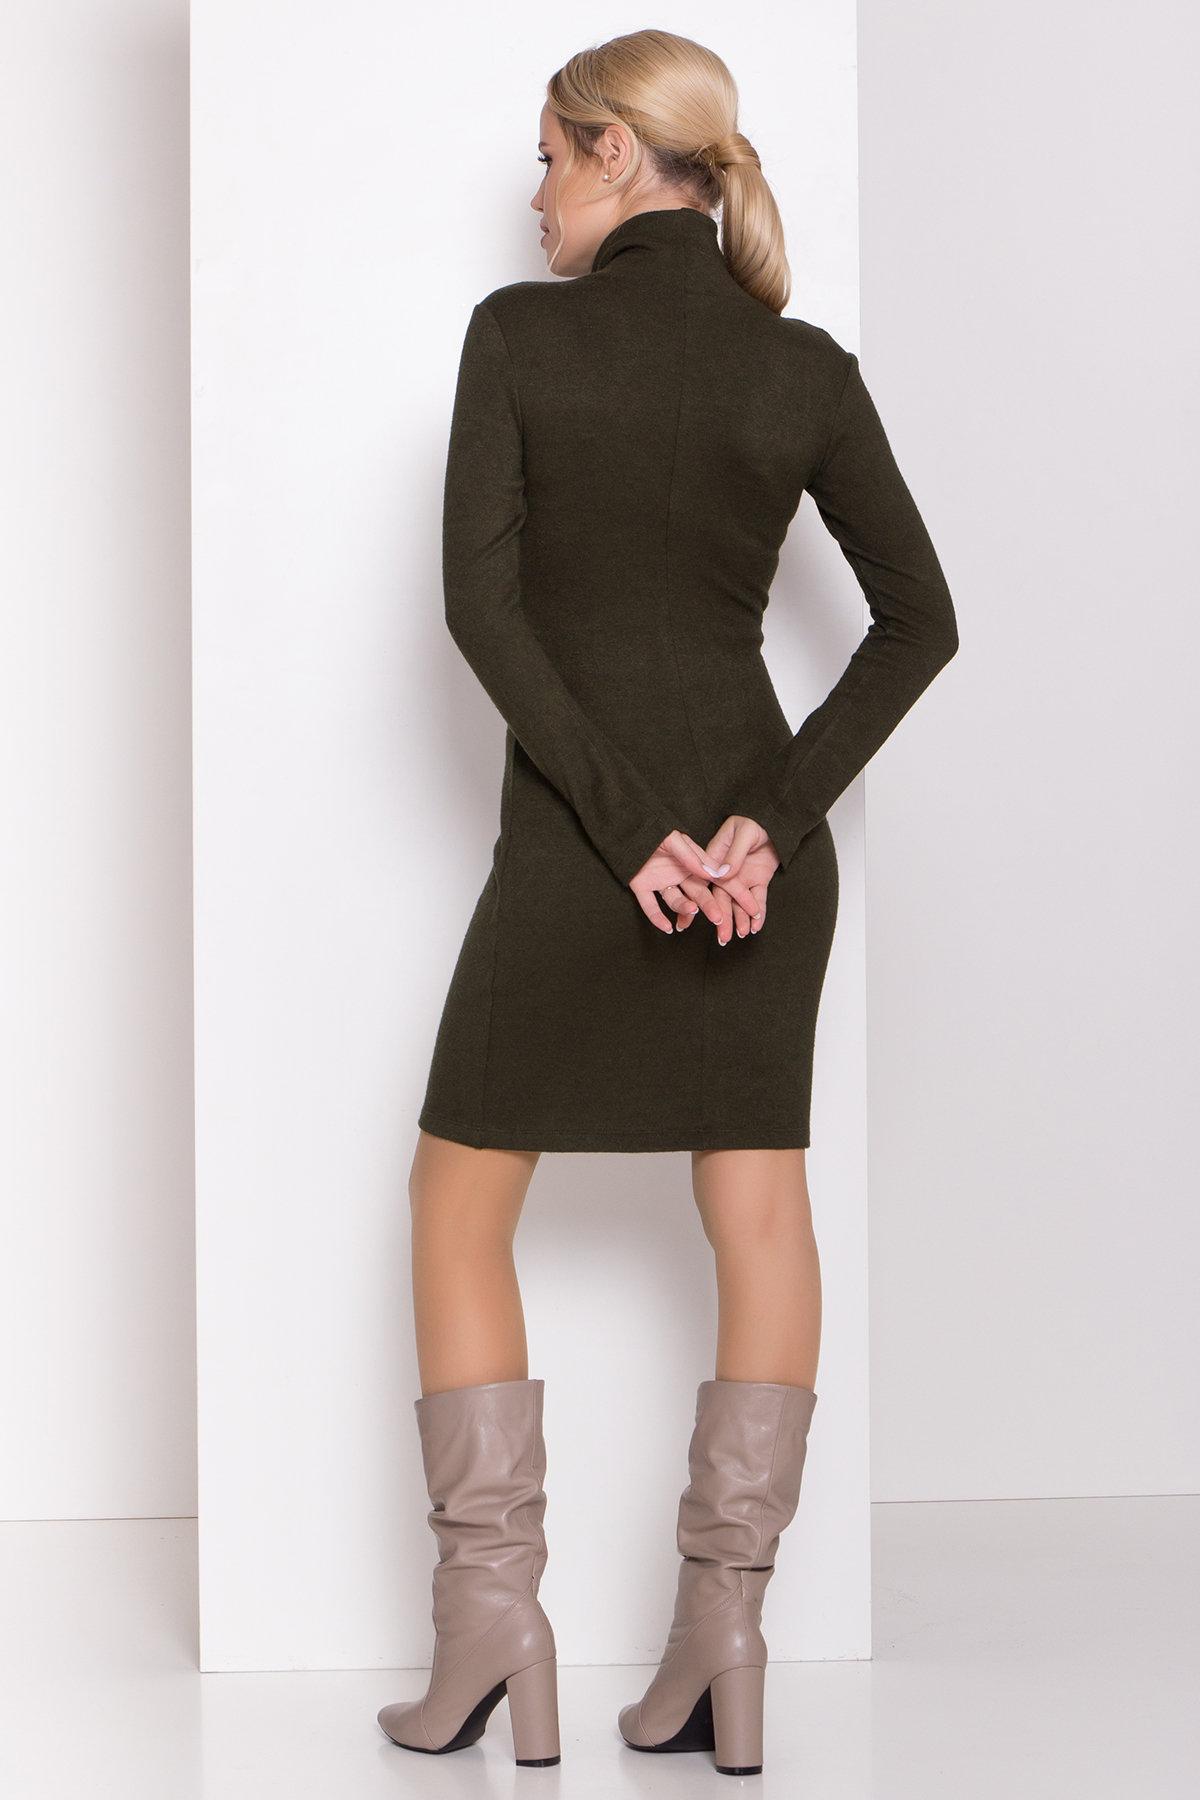 Платье из ангоры Вери 8258 АРТ. 44718 Цвет: Хаки - фото 3, интернет магазин tm-modus.ru